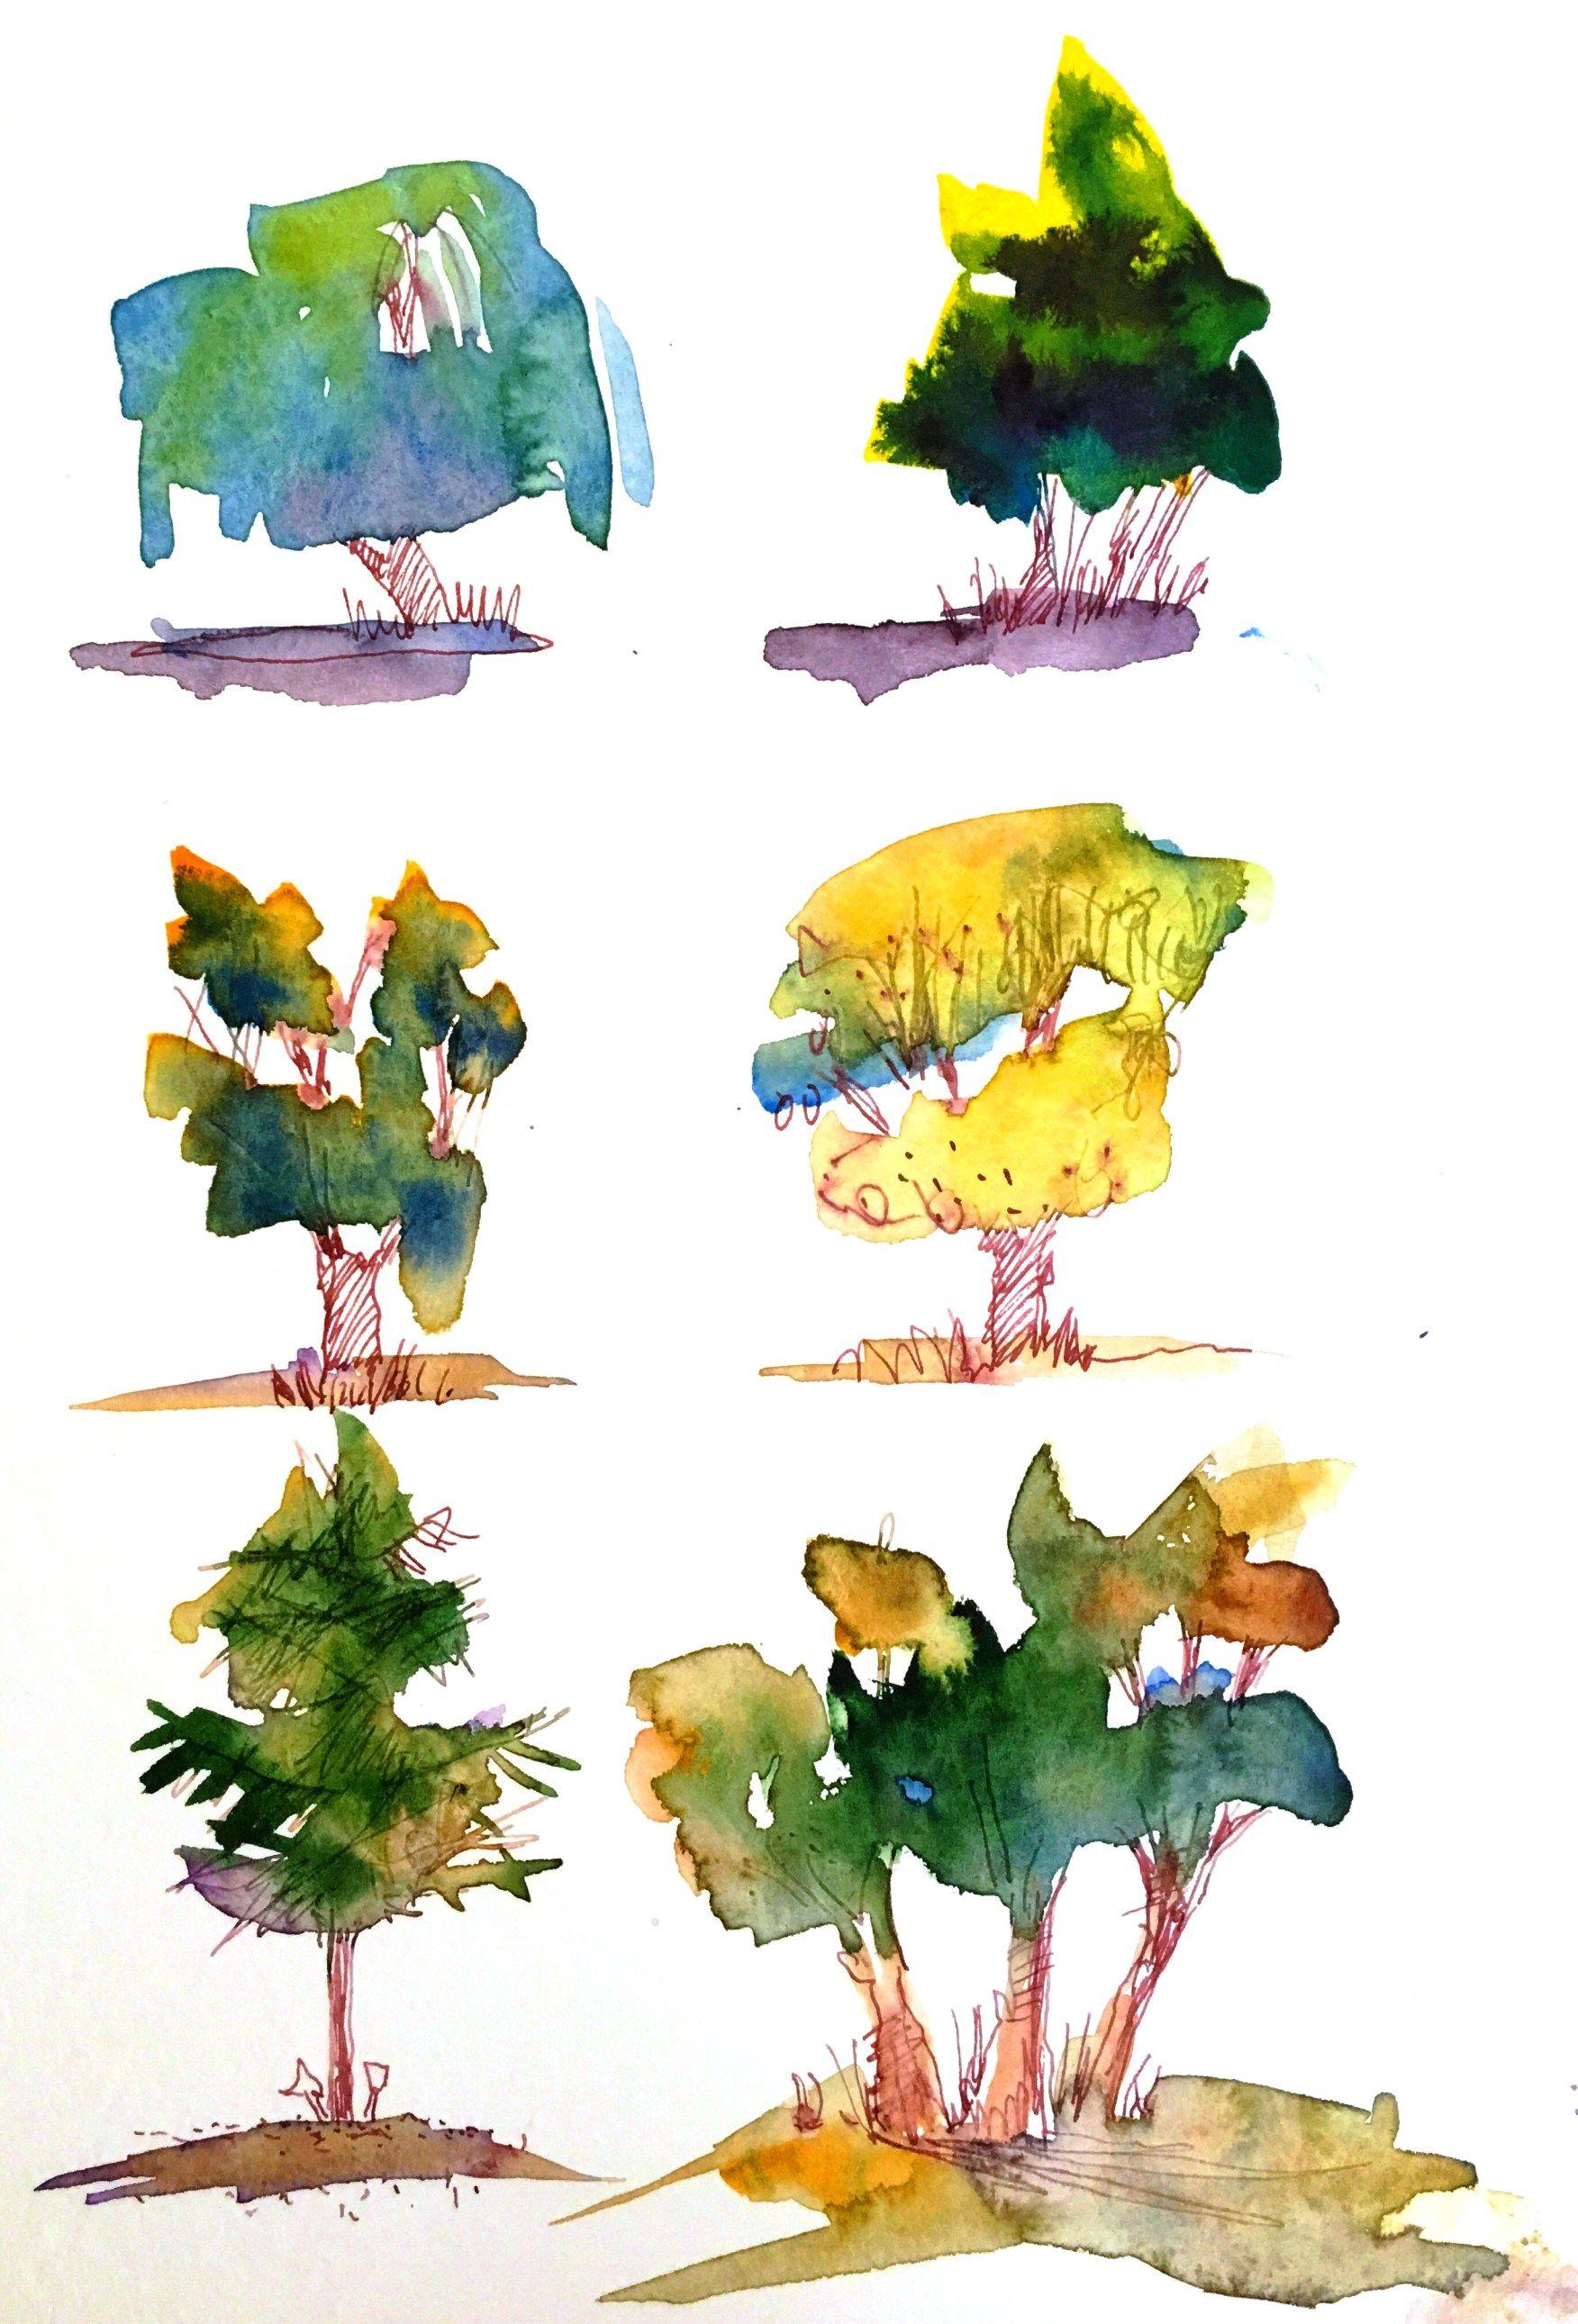 Anleitung Baume Malen Tutorial Baume Malen Lernen Von Tine Klein